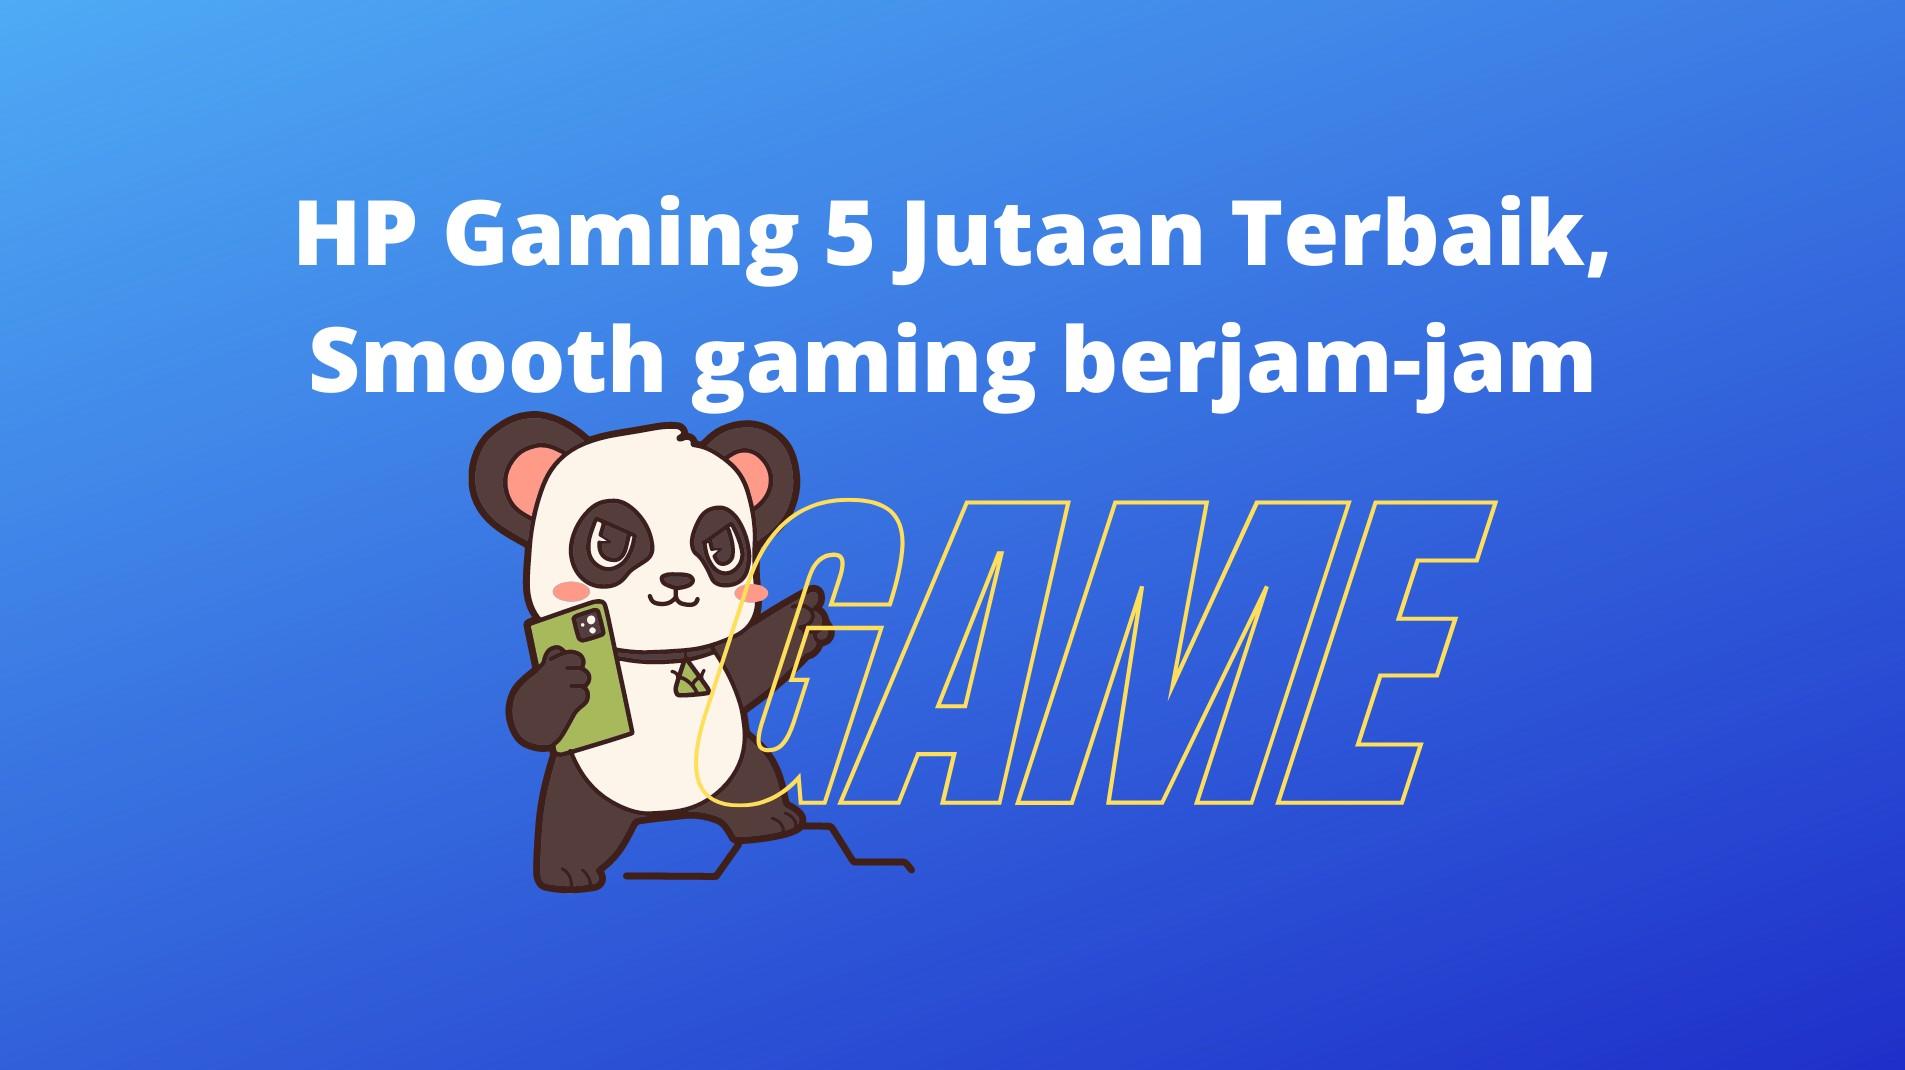 HP Gaming 5 Jutaan Terbaik, Smooth gaming berjam-jam